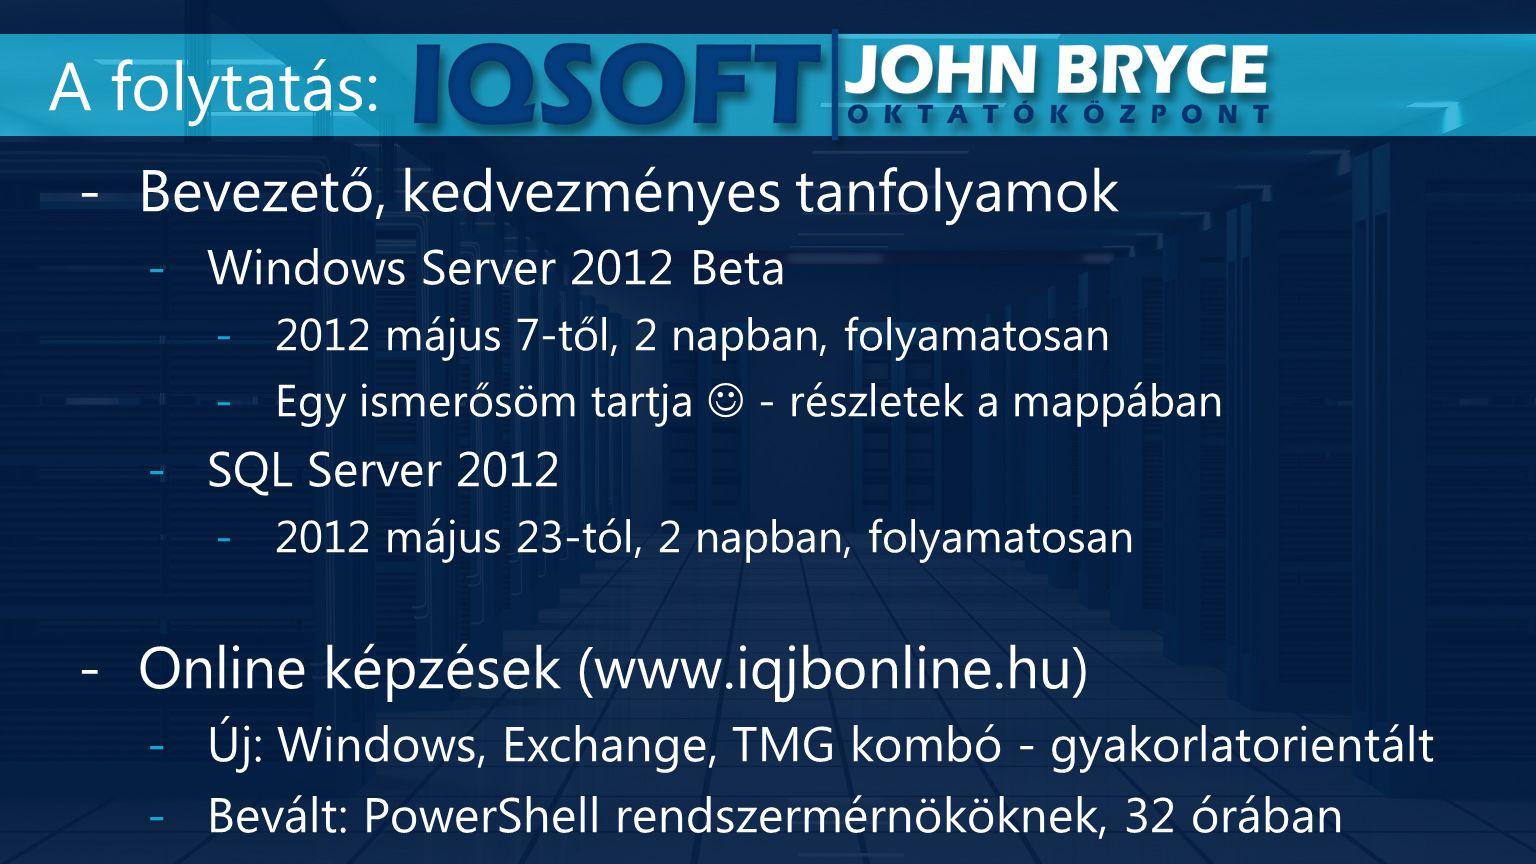 -Bevezető, kedvezményes tanfolyamok -Windows Server 2012 Beta -2012 május 7-től, 2 napban, folyamatosan -Egy ismerősöm tartja - részletek a mappában -